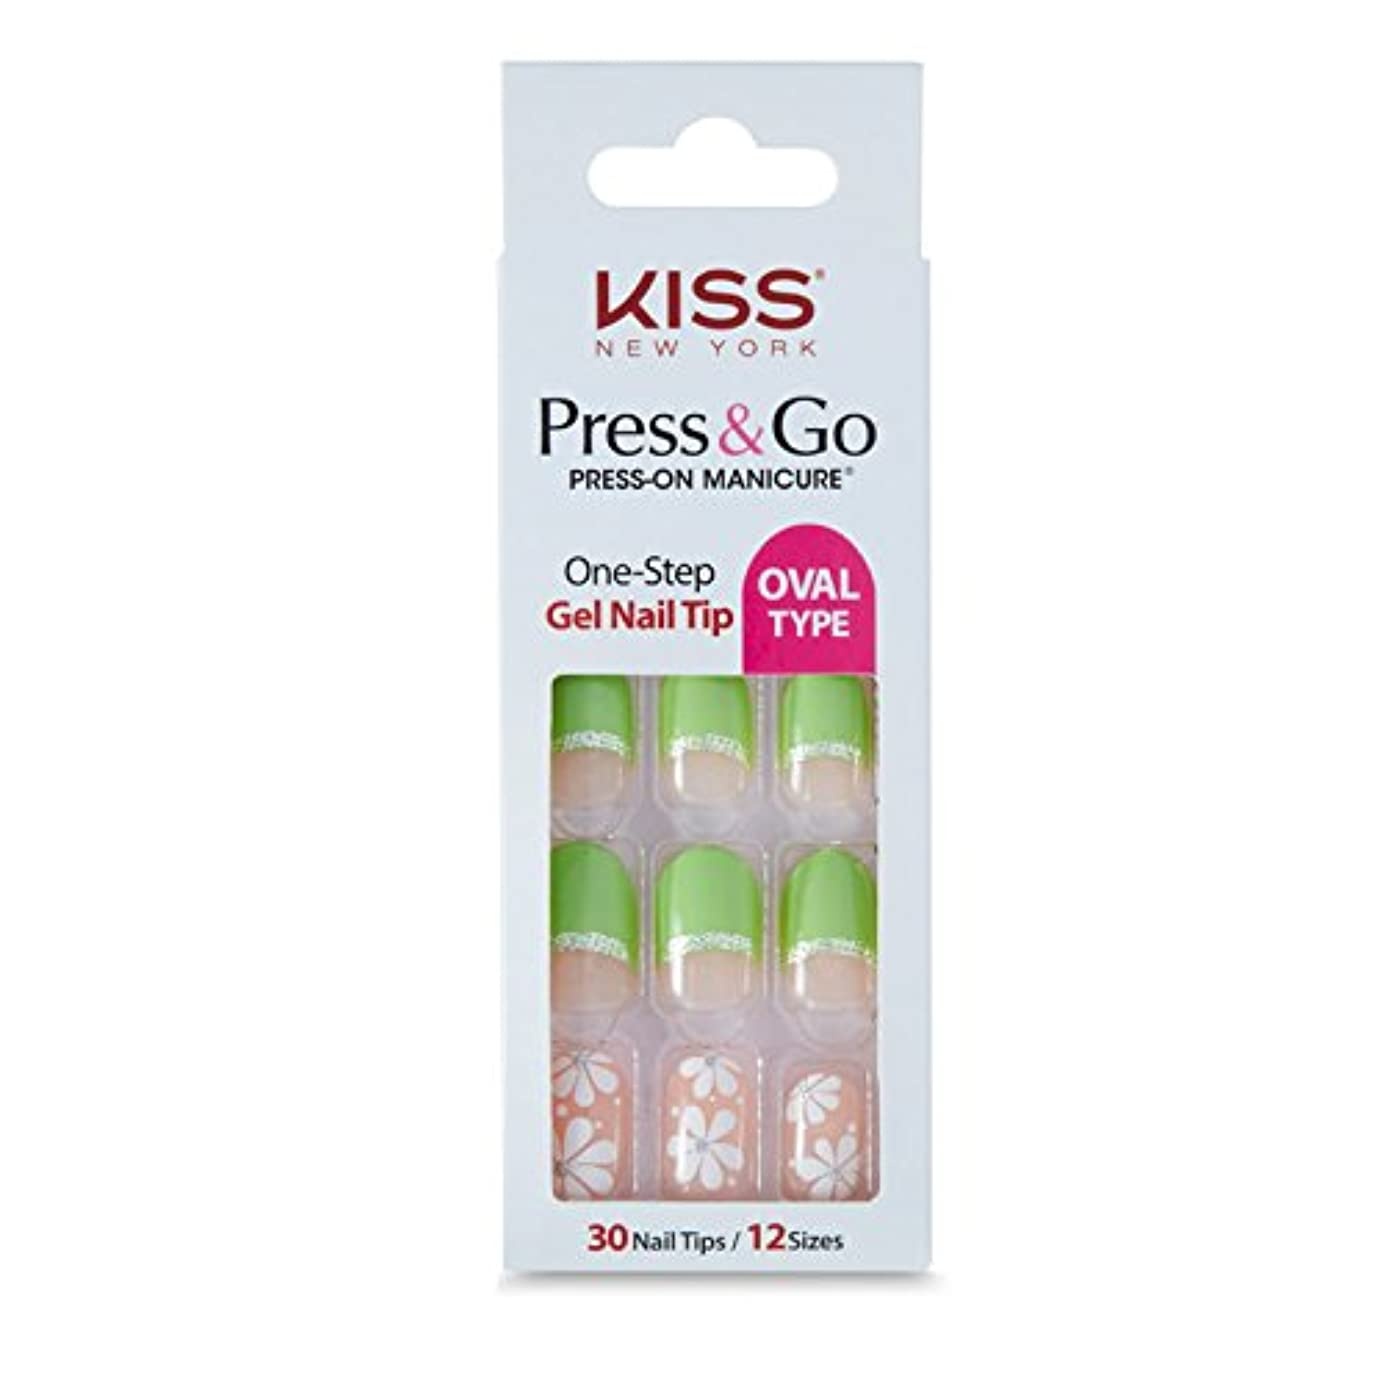 ジャンプするゴールド伴う[KISSNEWYORK]キスニューヨークプレスアンドゴーホワイトショットフレンチ(楕円形オーバルタイプ)/1秒成形ネイルPNG0102K付けるネイルPRESS&GO PRESS-ON MANICURE One-Step Gel Nail Tip/OVAL TYPE (Green Flower)